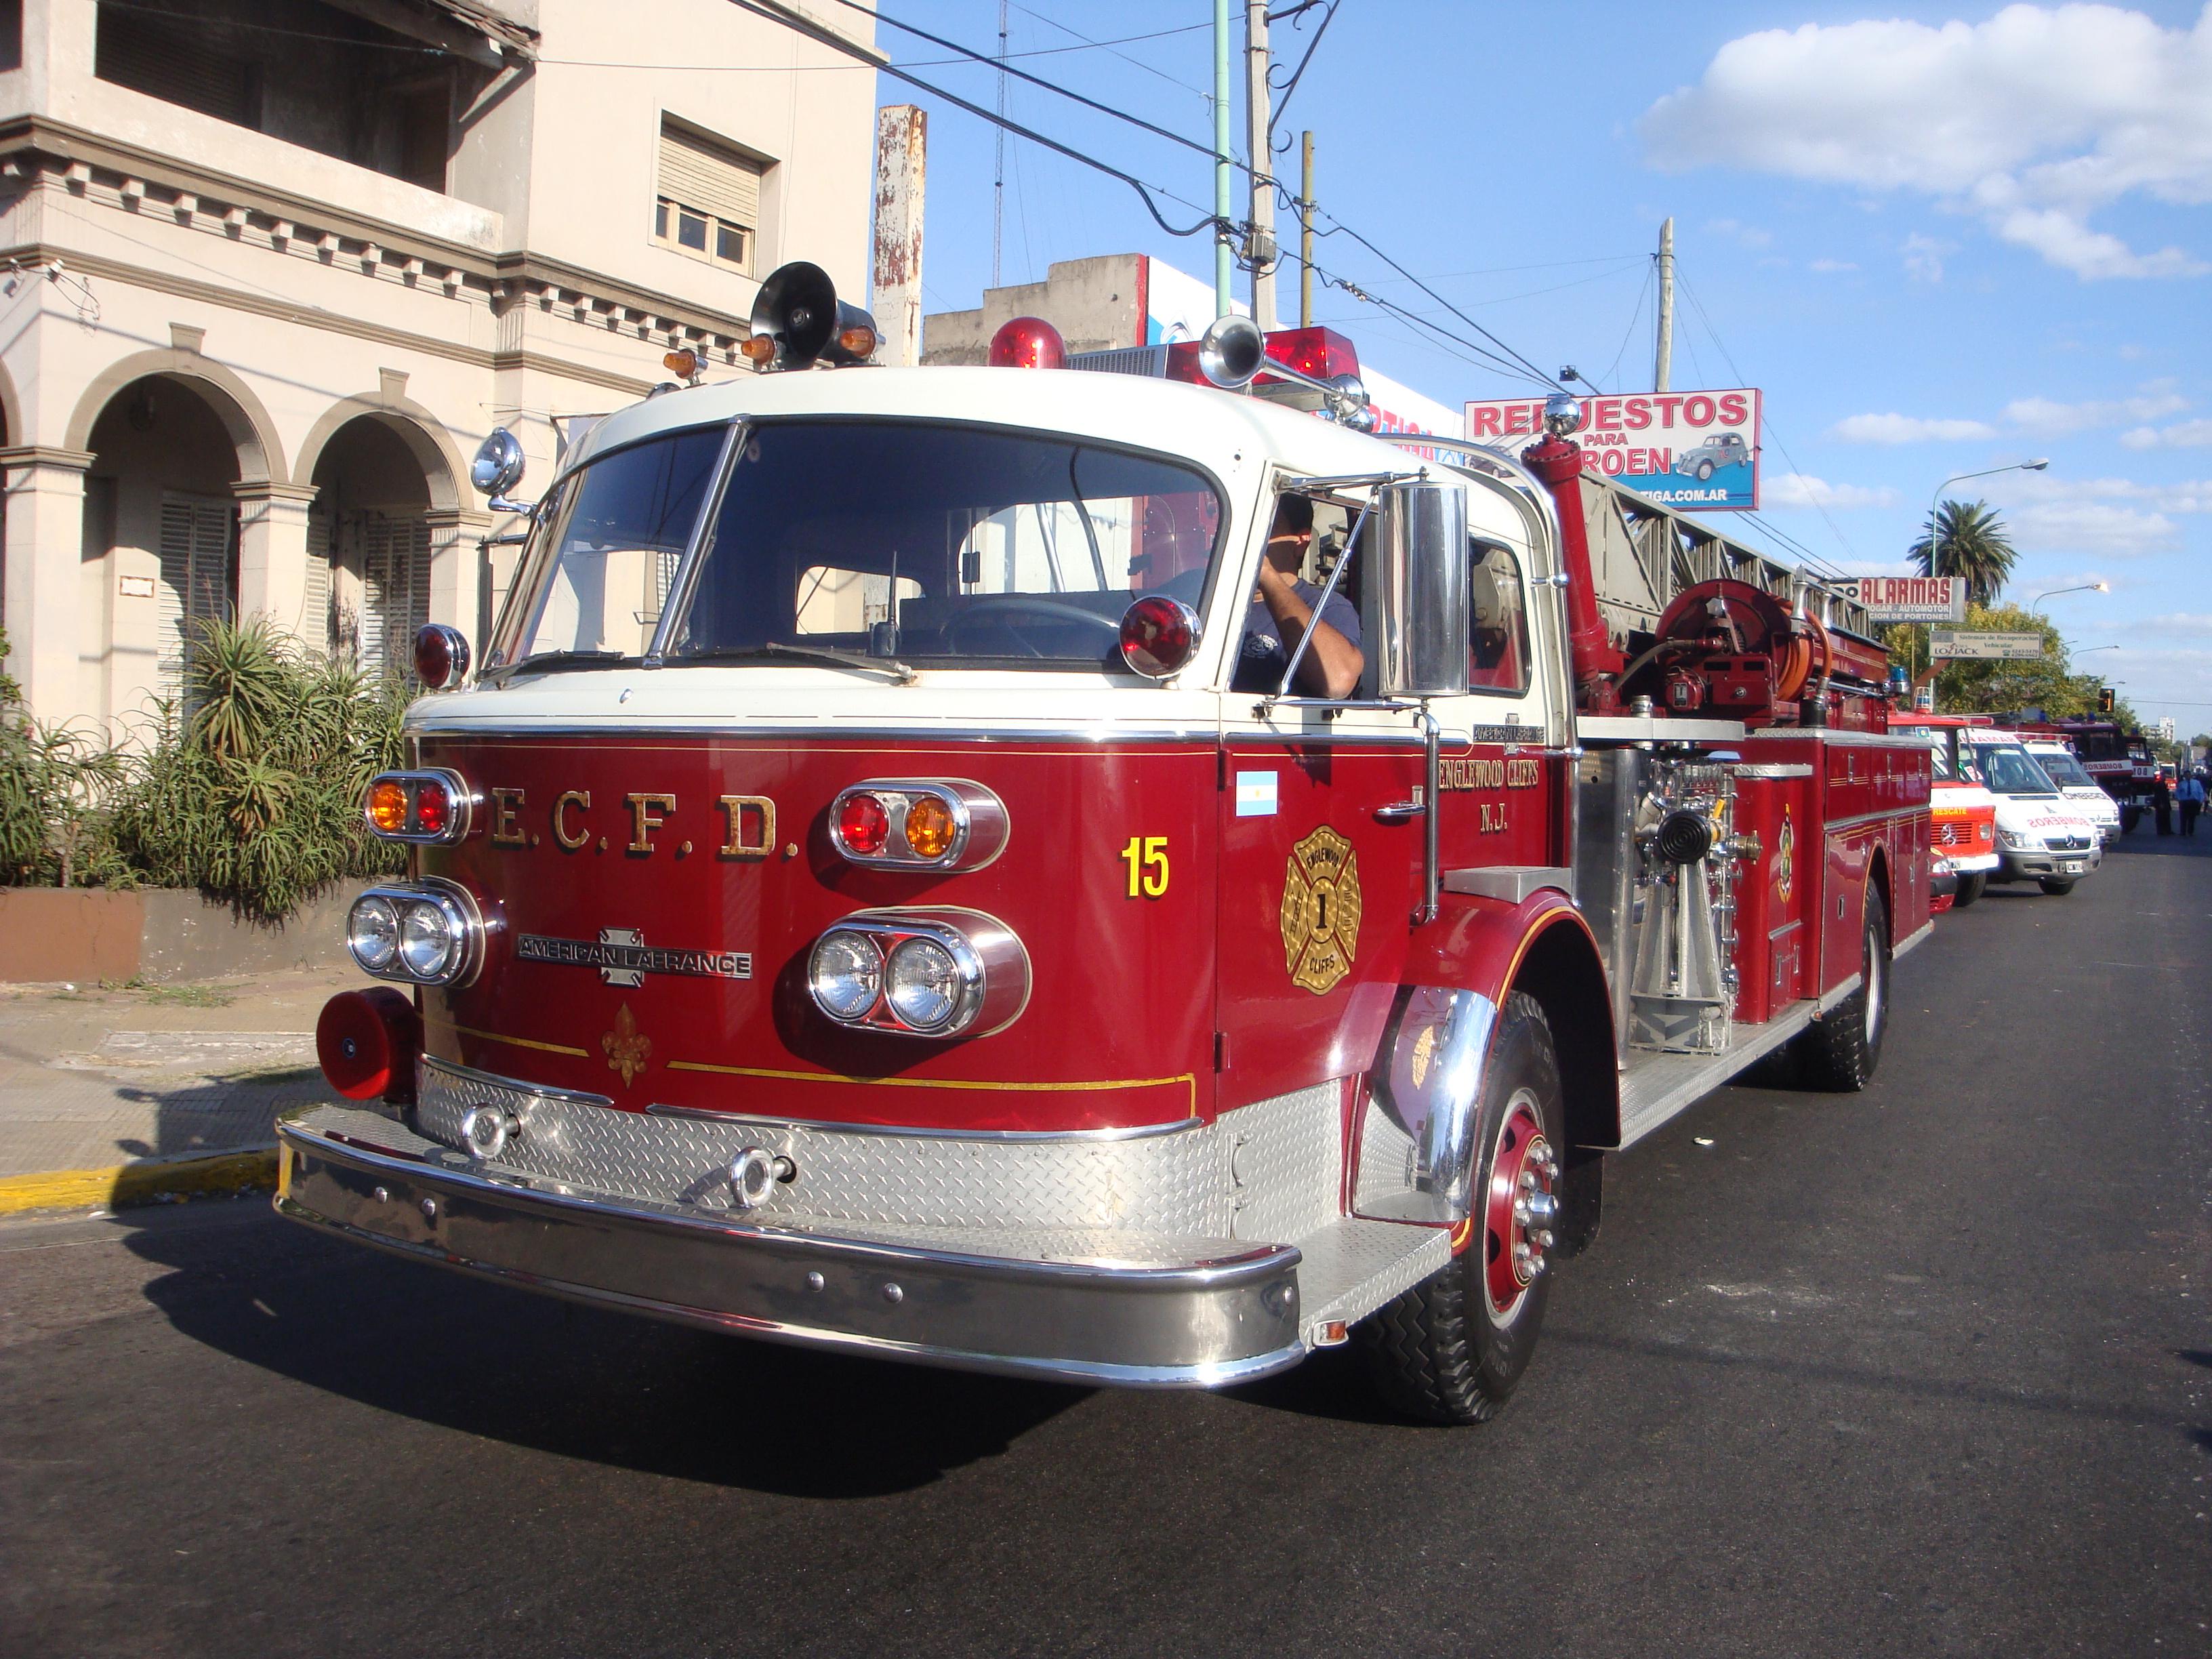 Archivo:Antiguo camión de bomberos.jpg - Wikipedia, la enciclopedia ...